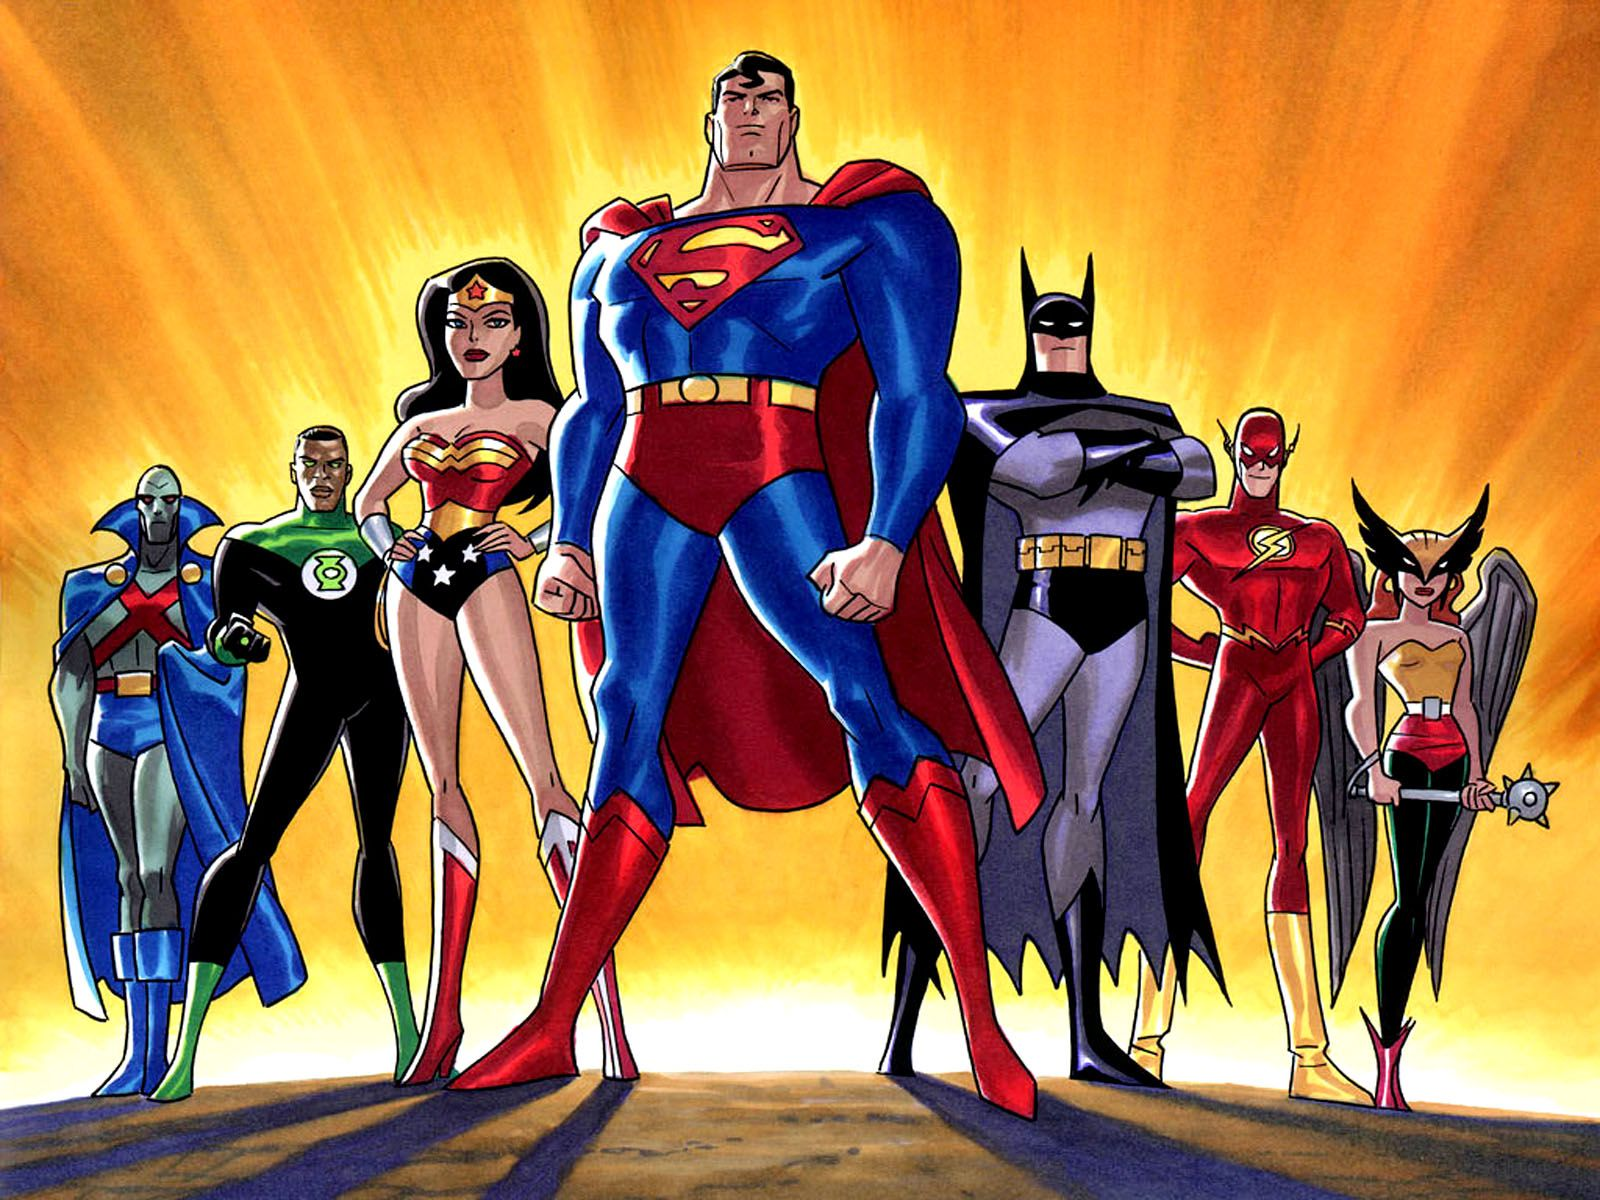 DC Comics All Super Heroes HD Wallpapers Super heroi